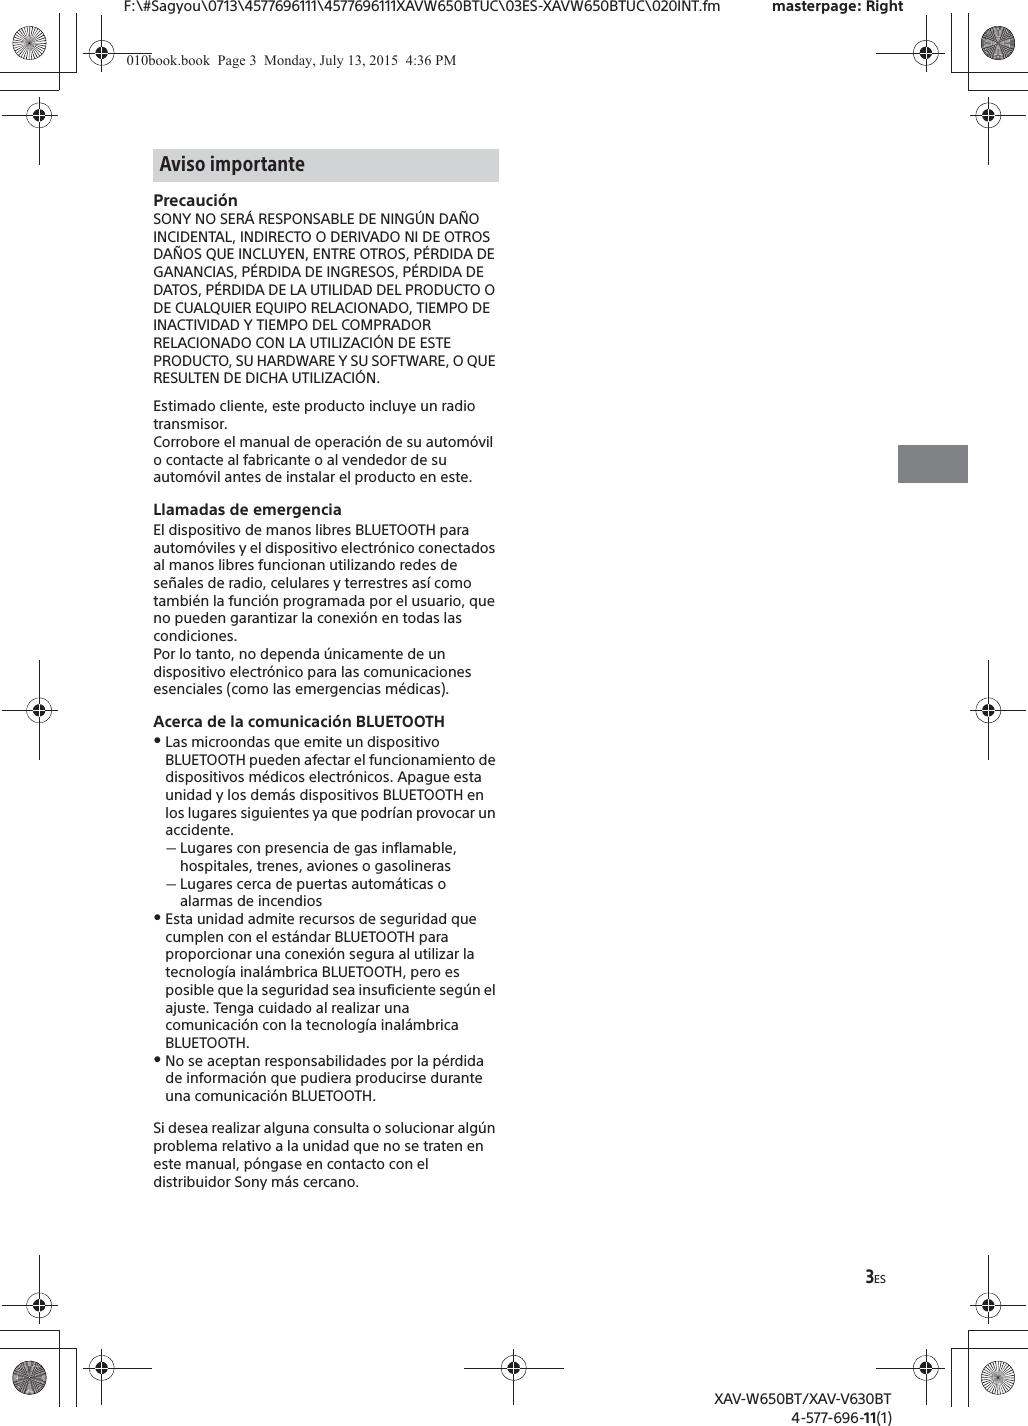 Sony XAVV630BT AV Center User Manual XAV W650BT XAV V630BT